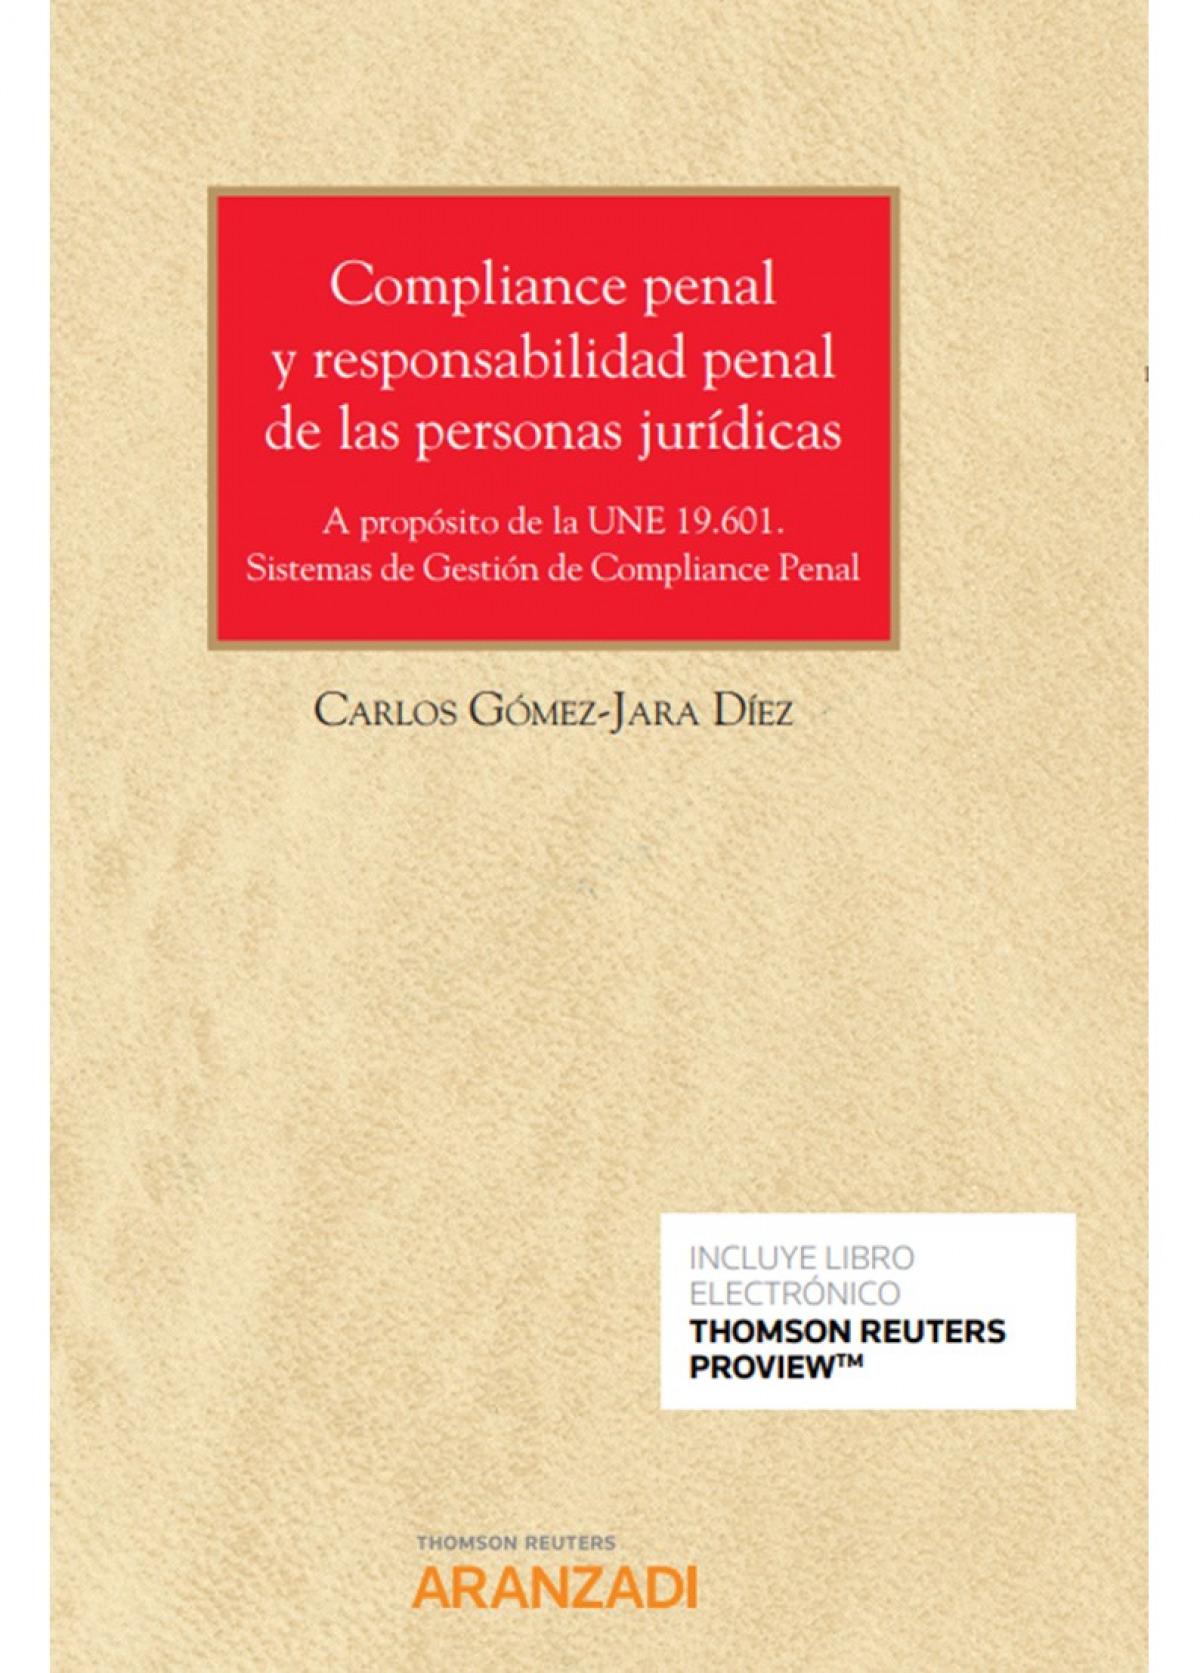 Compliance penal y responsabilidad penal de las personas jur¡dica 9788413455334